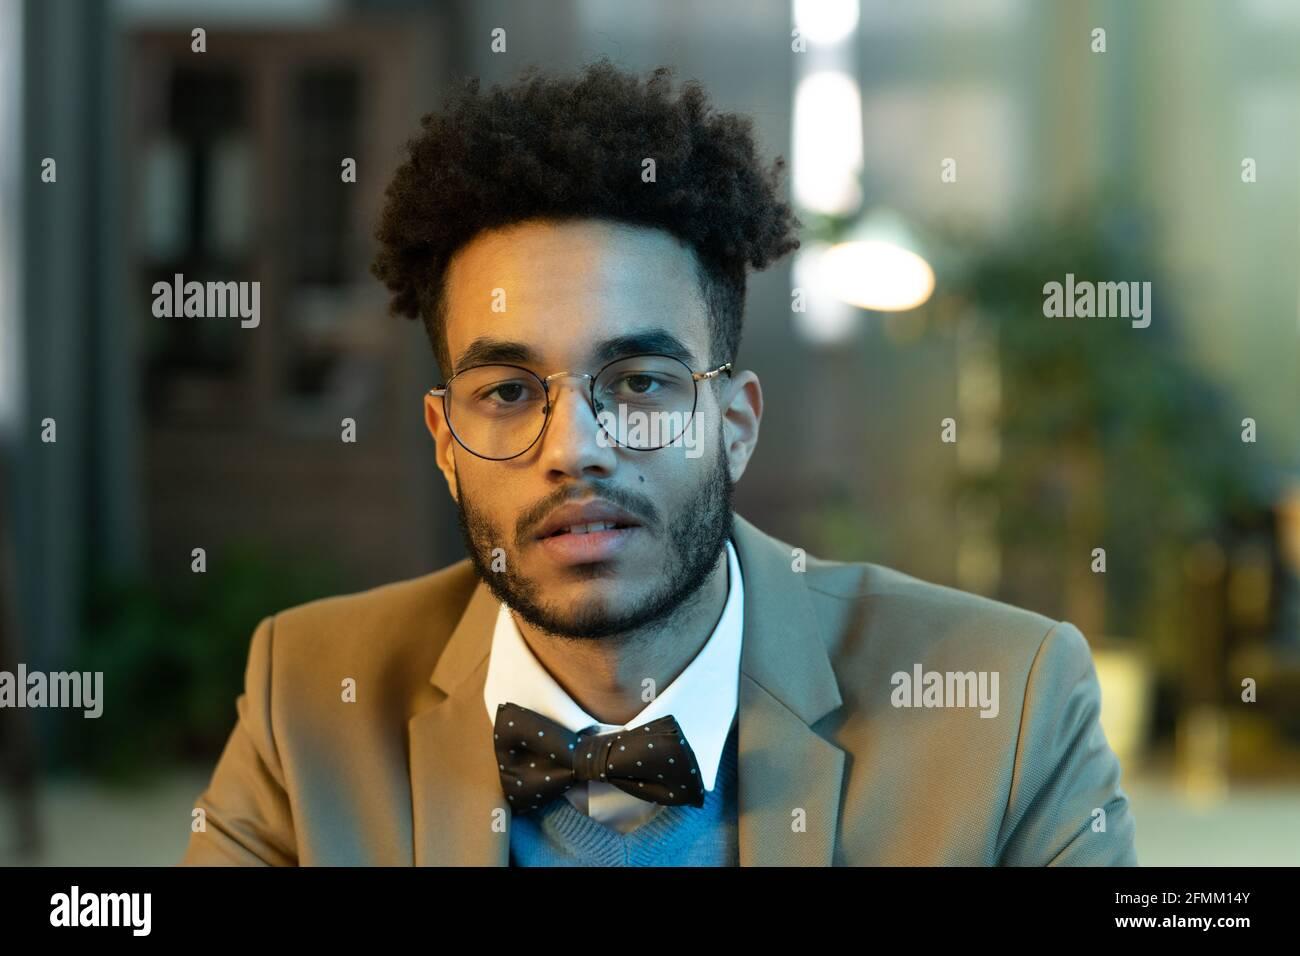 Porträt eines hübschen jungen Mannes mit afro lockigen Haaren Runde Gläser und Fliege sitzen im Büro Stockfoto